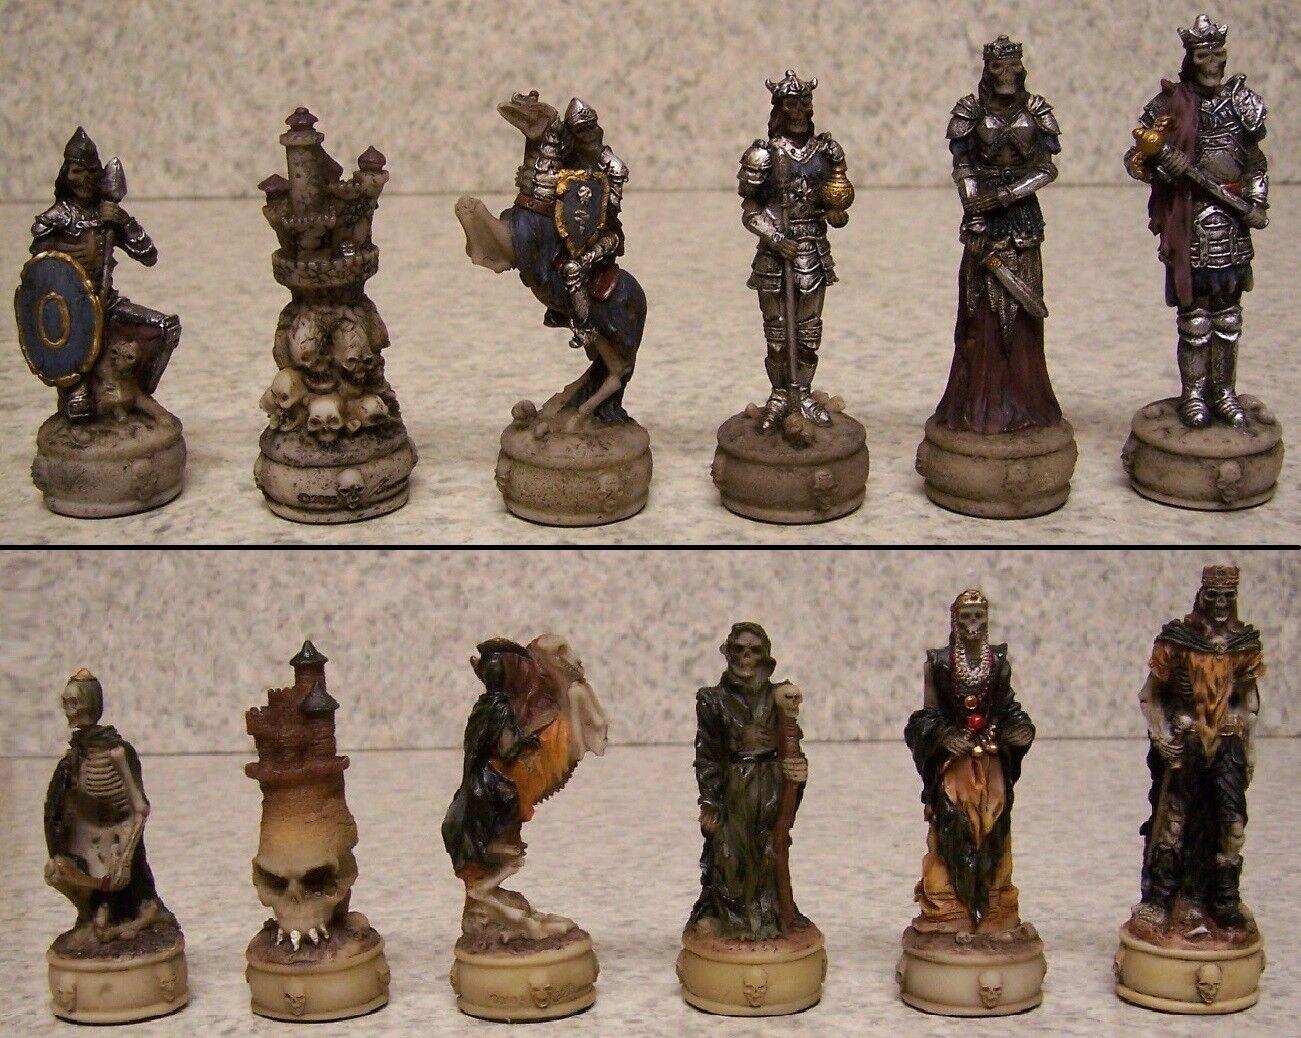 Ven a elegir tu propio estilo deportivo. Conjunto De De De Piezas De Ajedrez Caballeros Medievales Esqueleto Nuevo  la mejor selección de